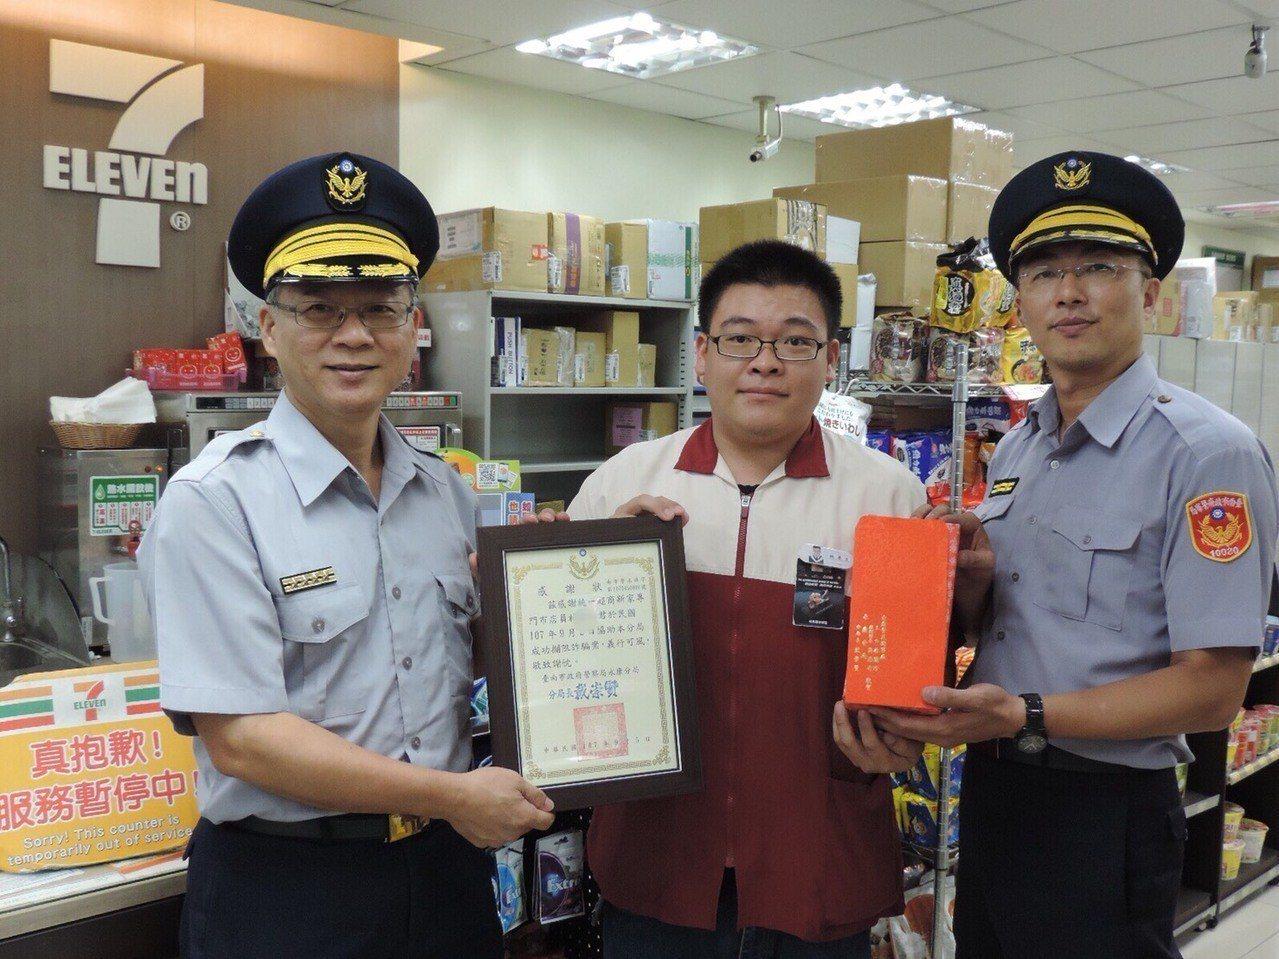 統一超商林姓店員協助阻詐5000元,警方前往店家表揚。圖/永康分局提供